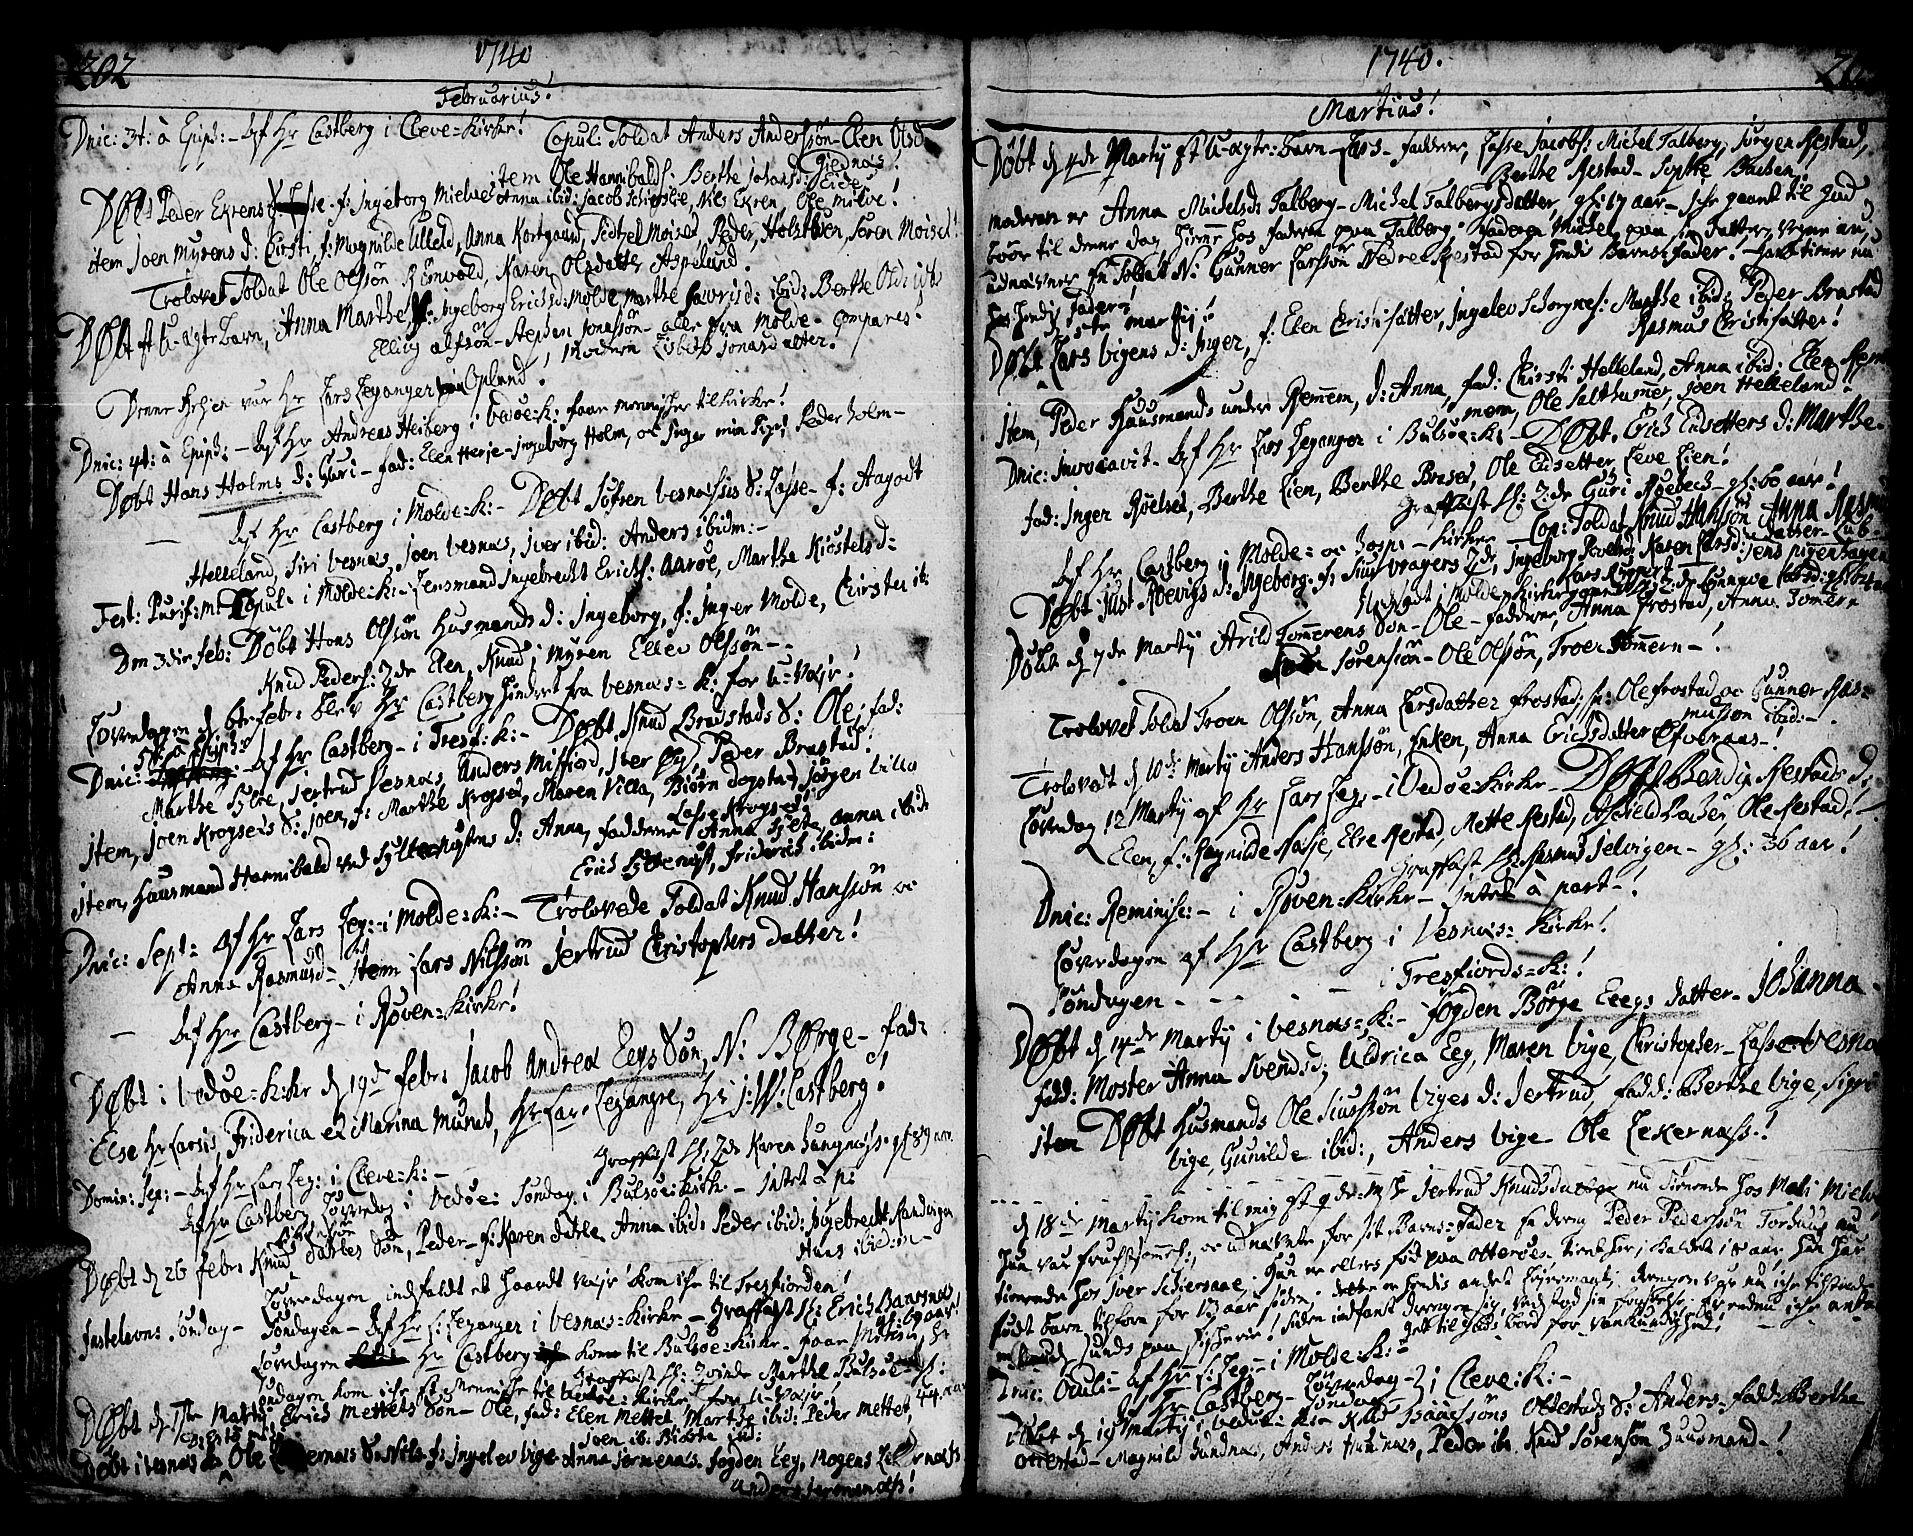 SAT, Ministerialprotokoller, klokkerbøker og fødselsregistre - Møre og Romsdal, 547/L0599: Ministerialbok nr. 547A01, 1721-1764, s. 202-203